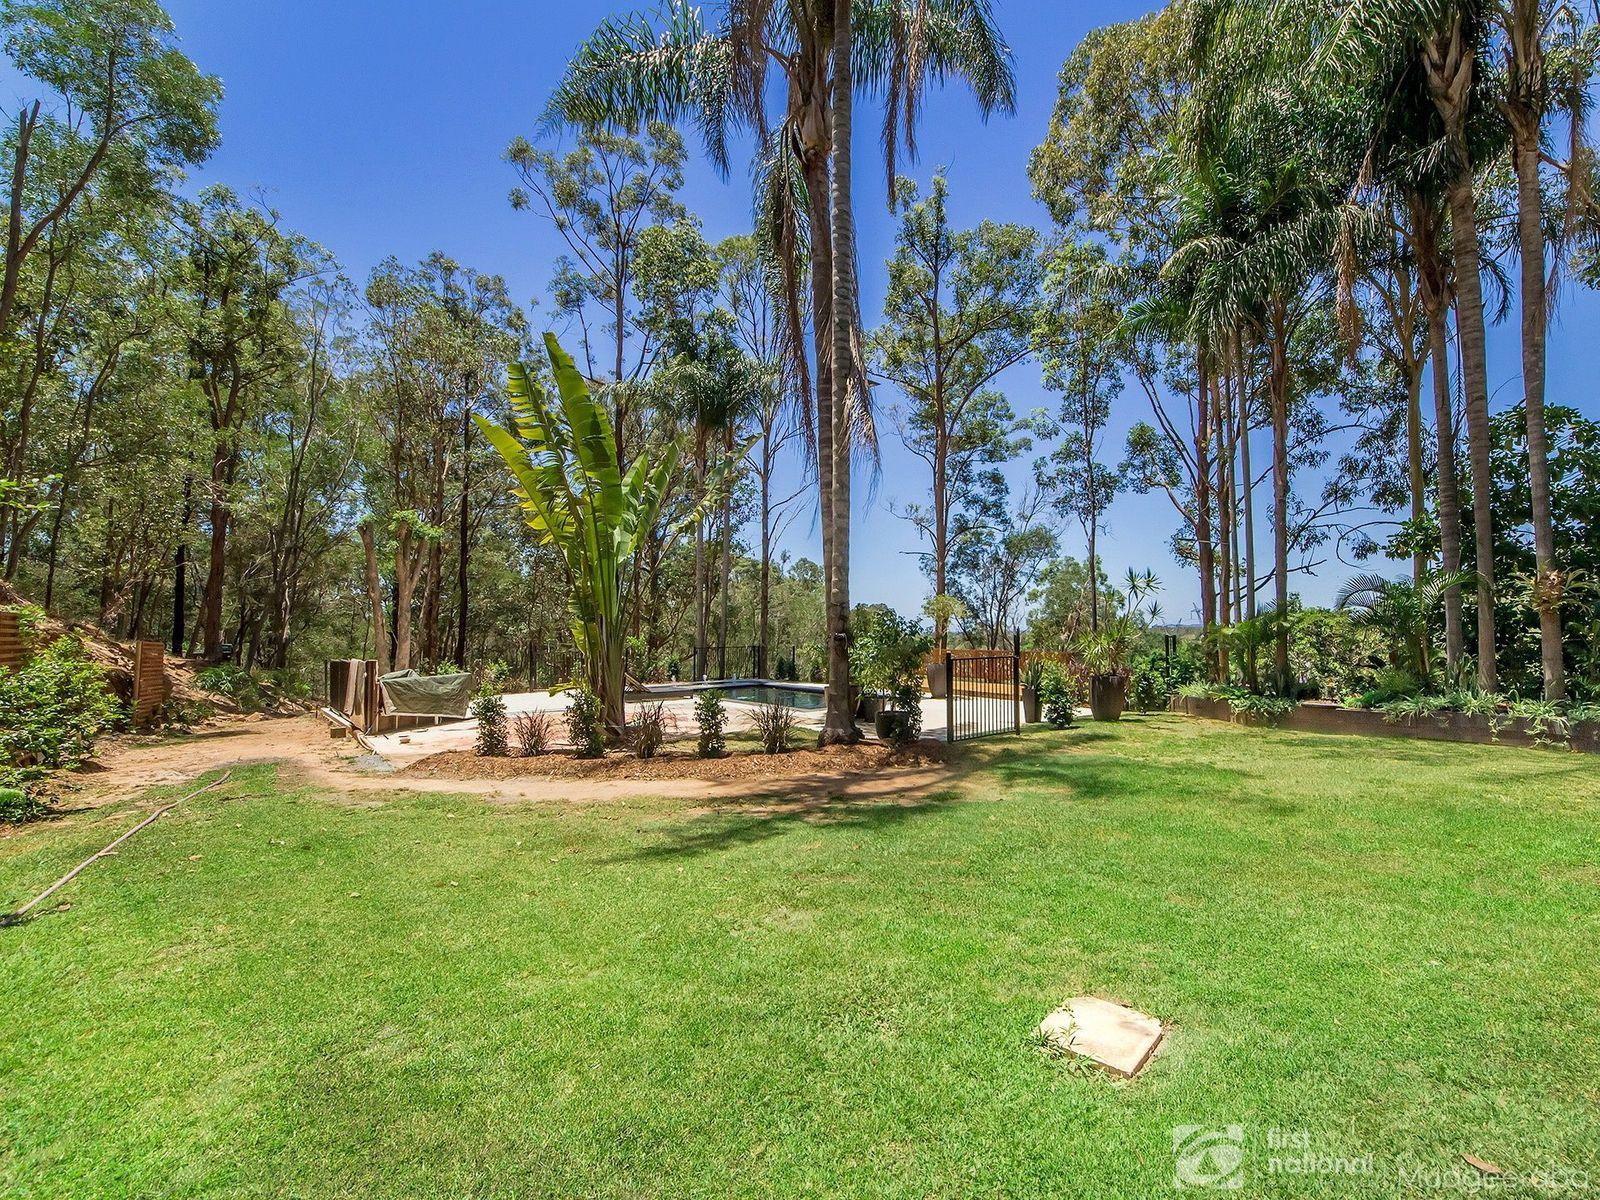 88 The Panorama, Tallai, QLD 4213